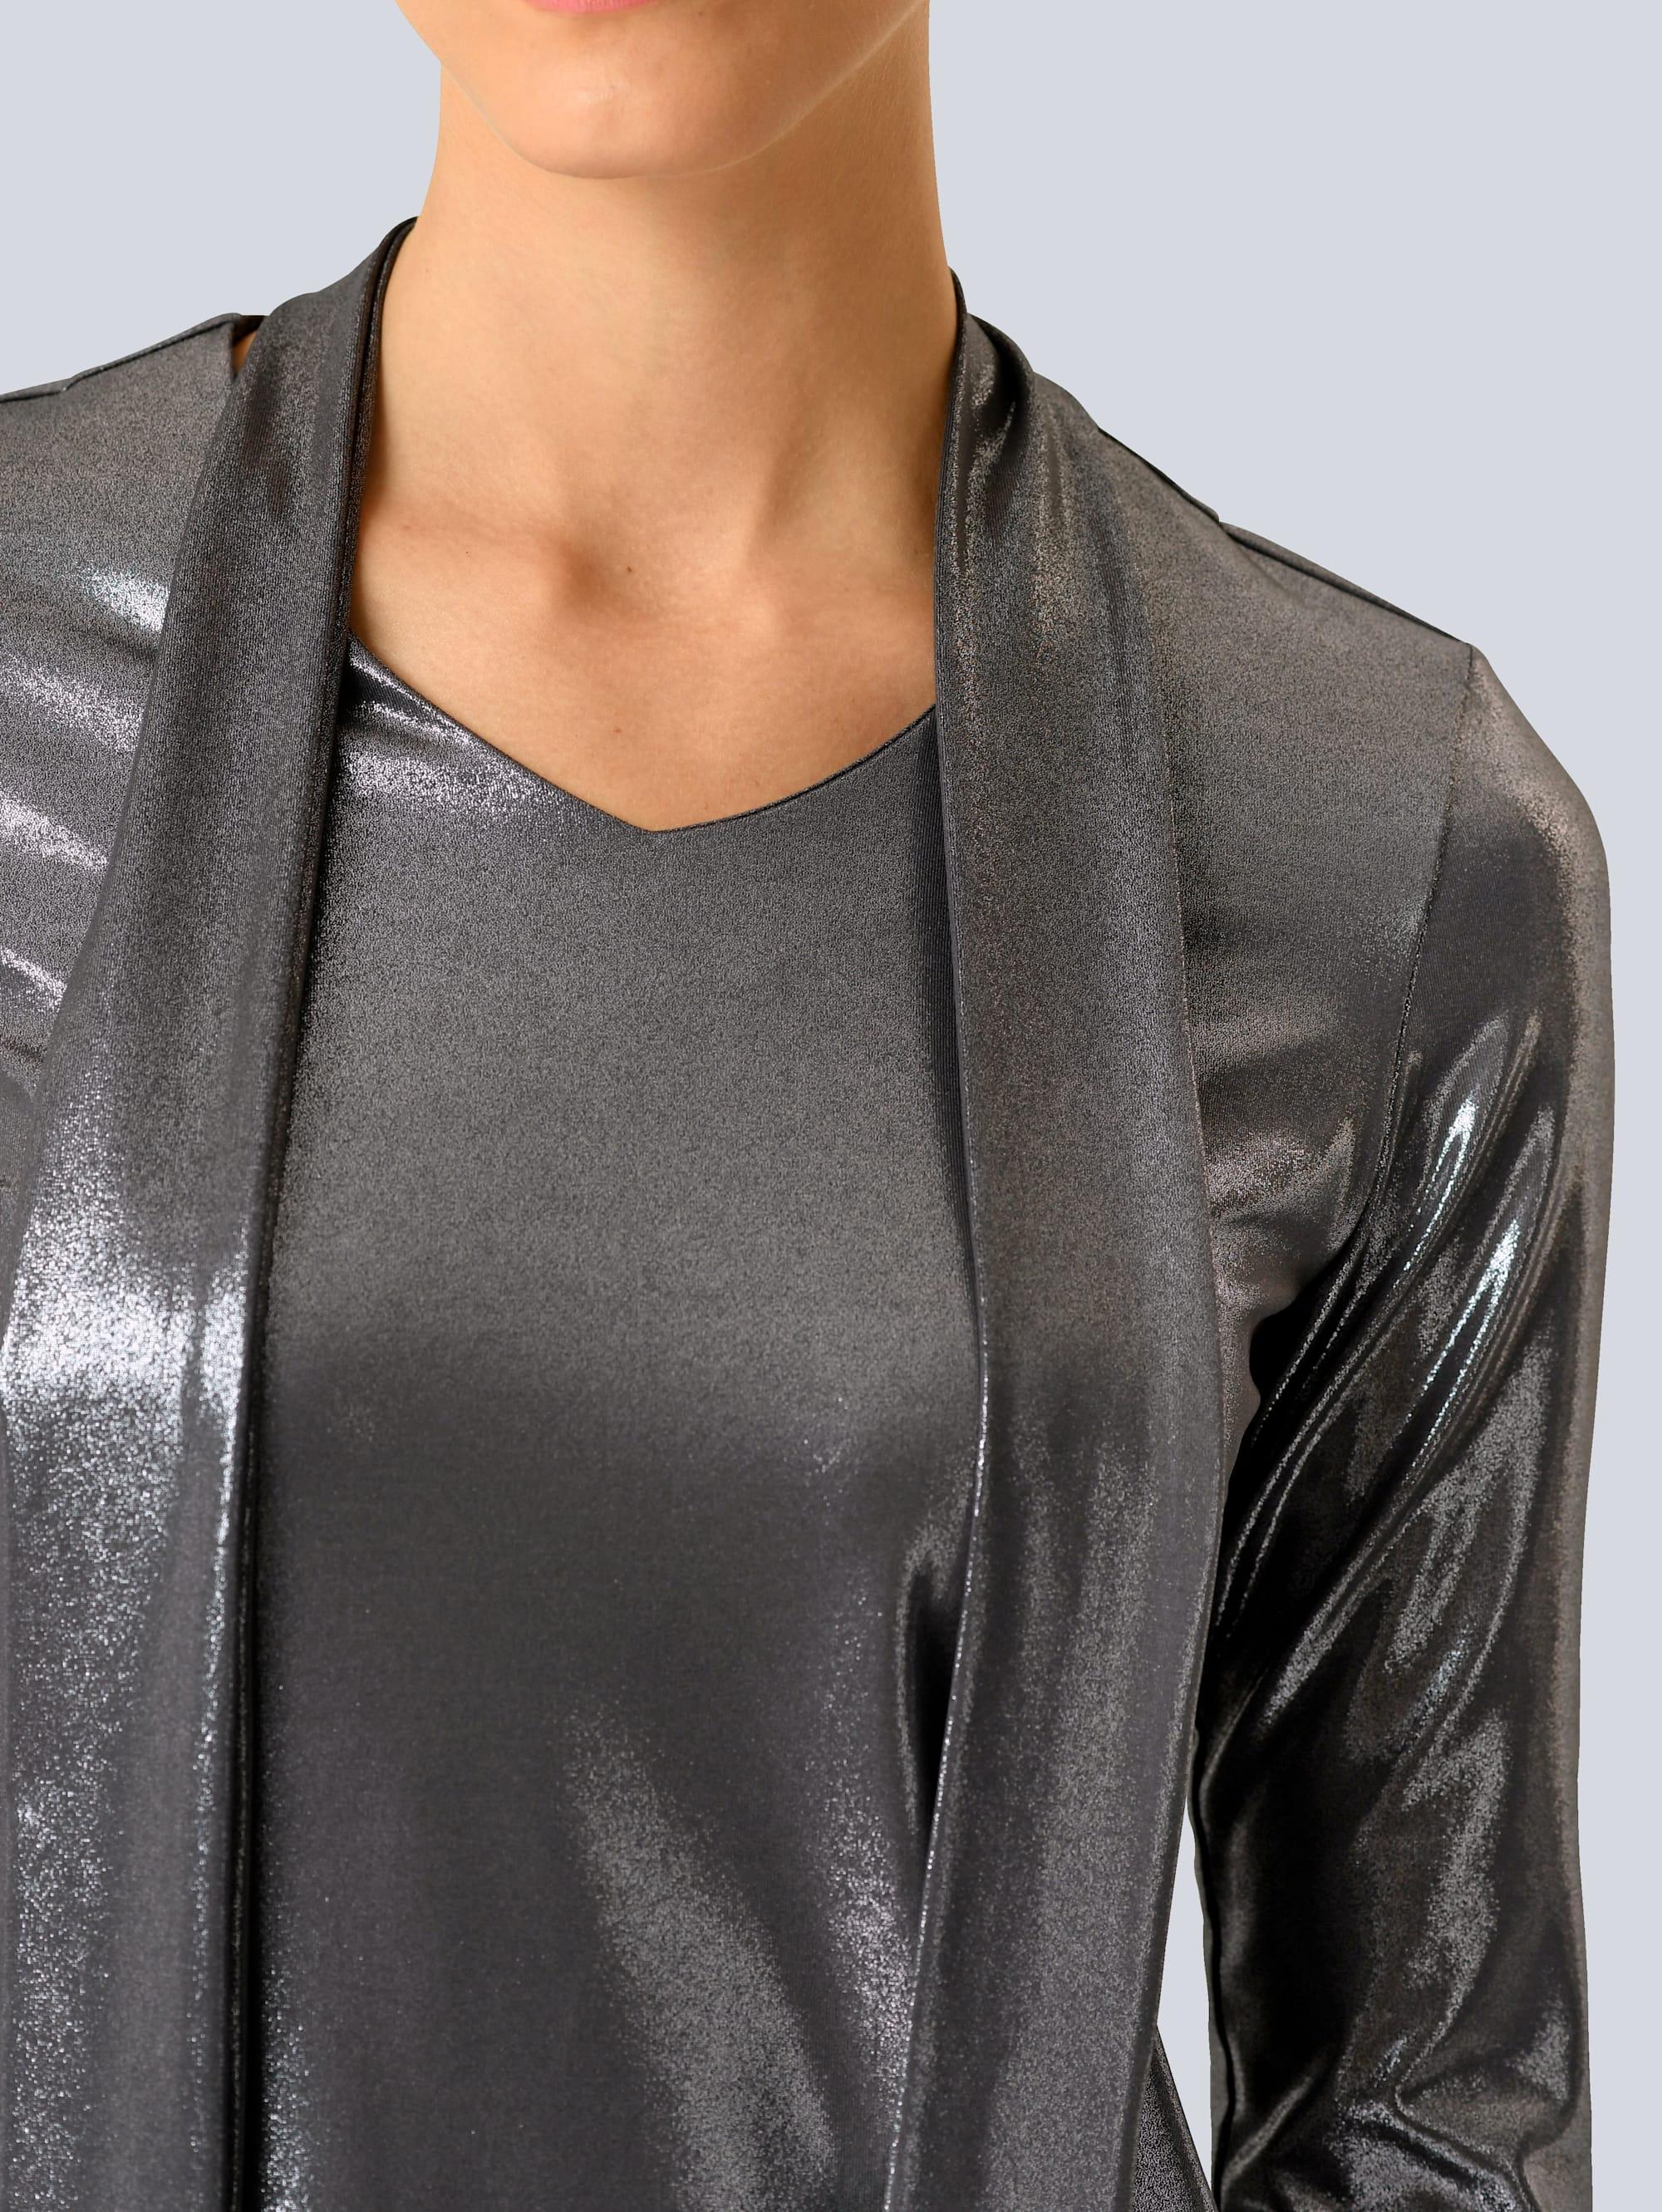 Alba Moda Shirt in Silberfarben günstig kaufen